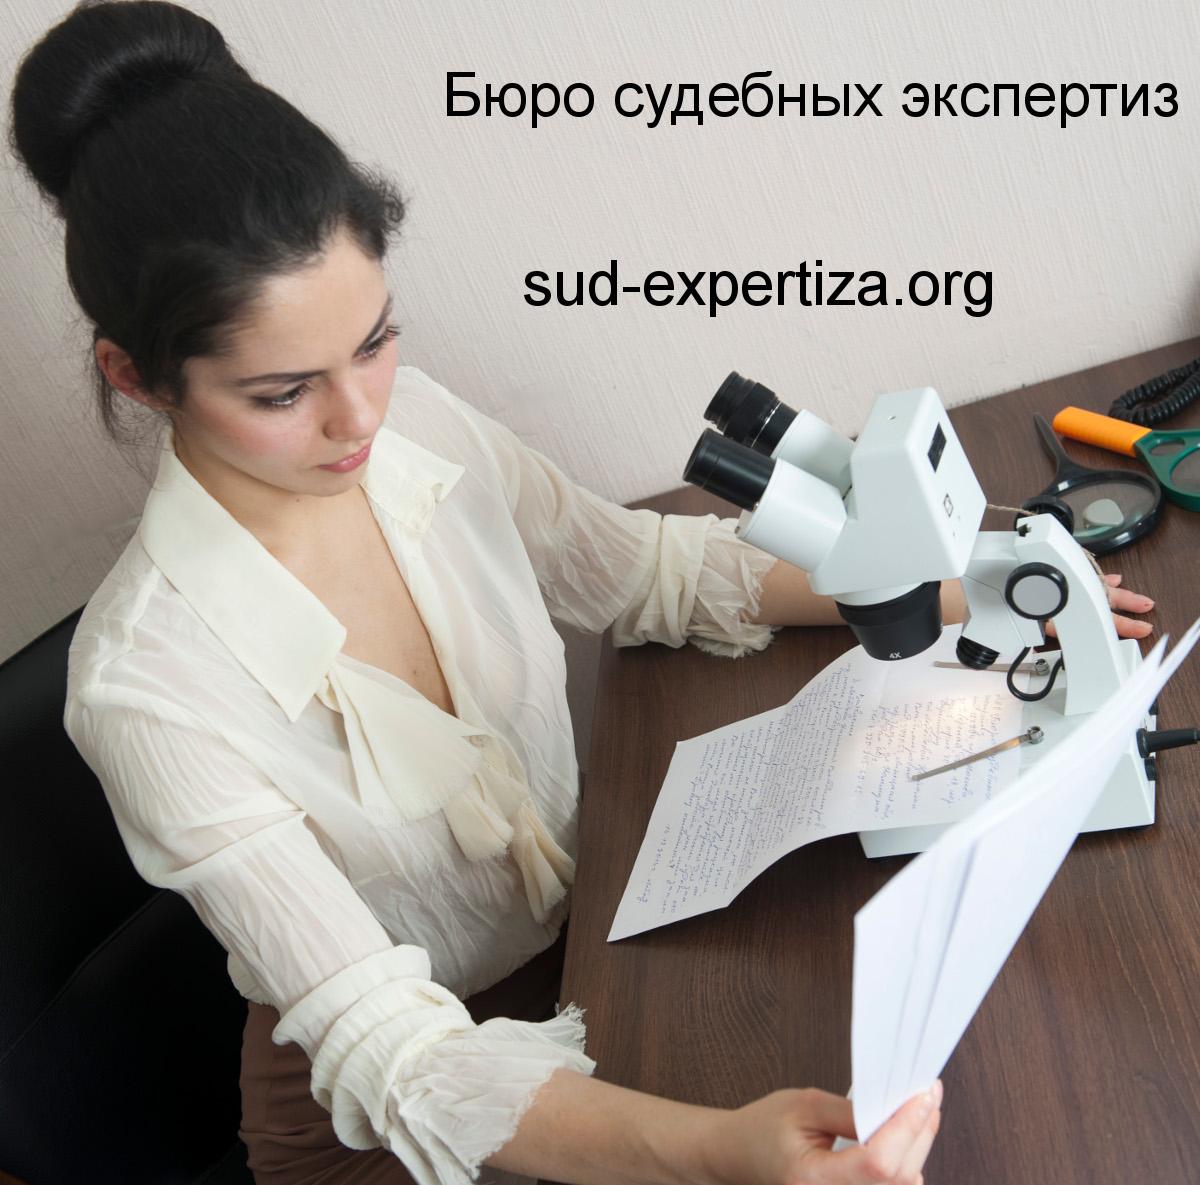 Экспертиза почерка в Бюро судебных экспертиз